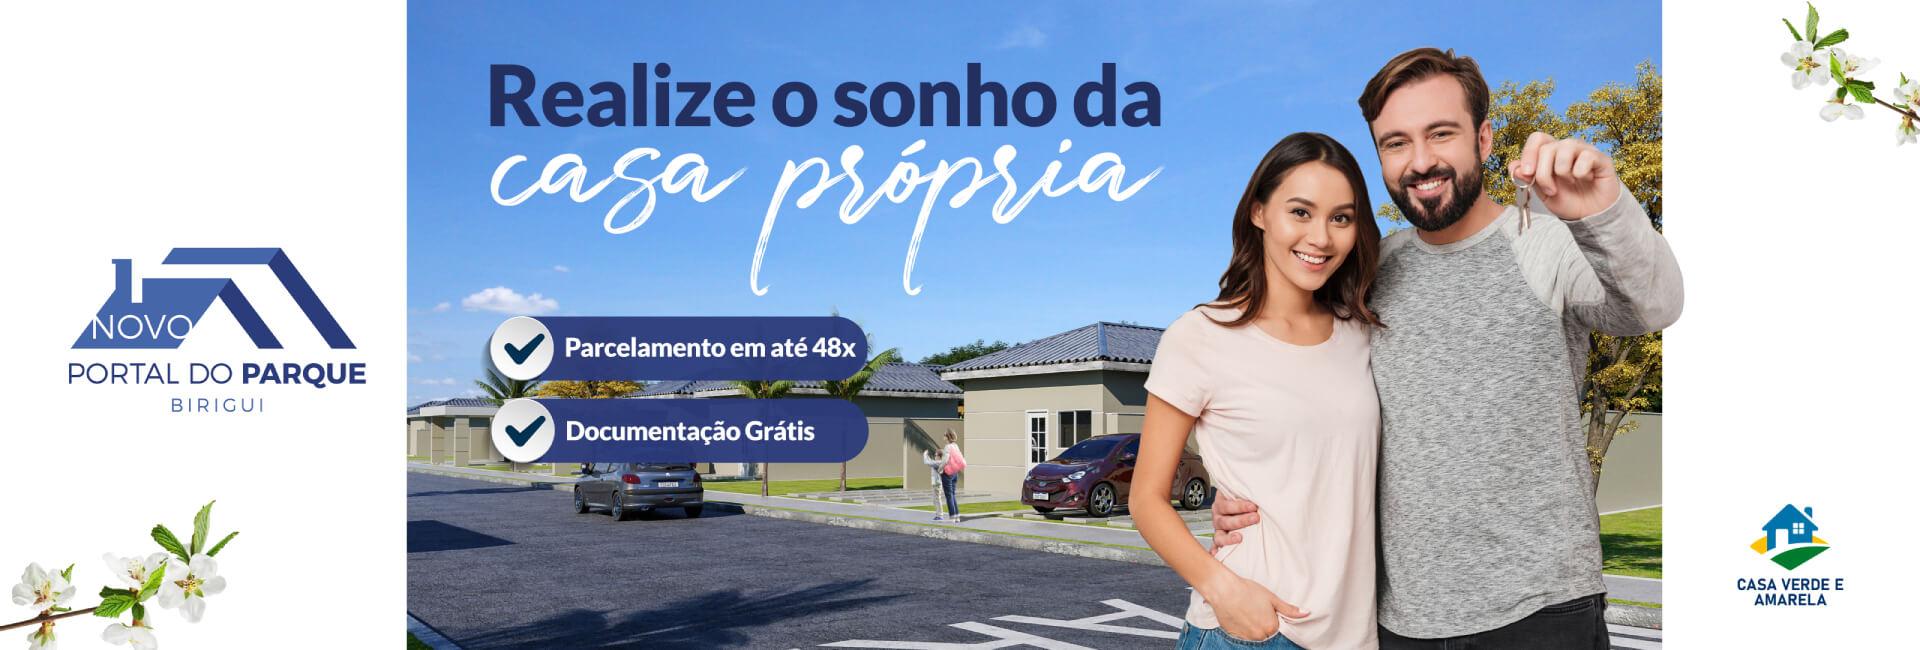 Banner Home Novo Portal do Parque